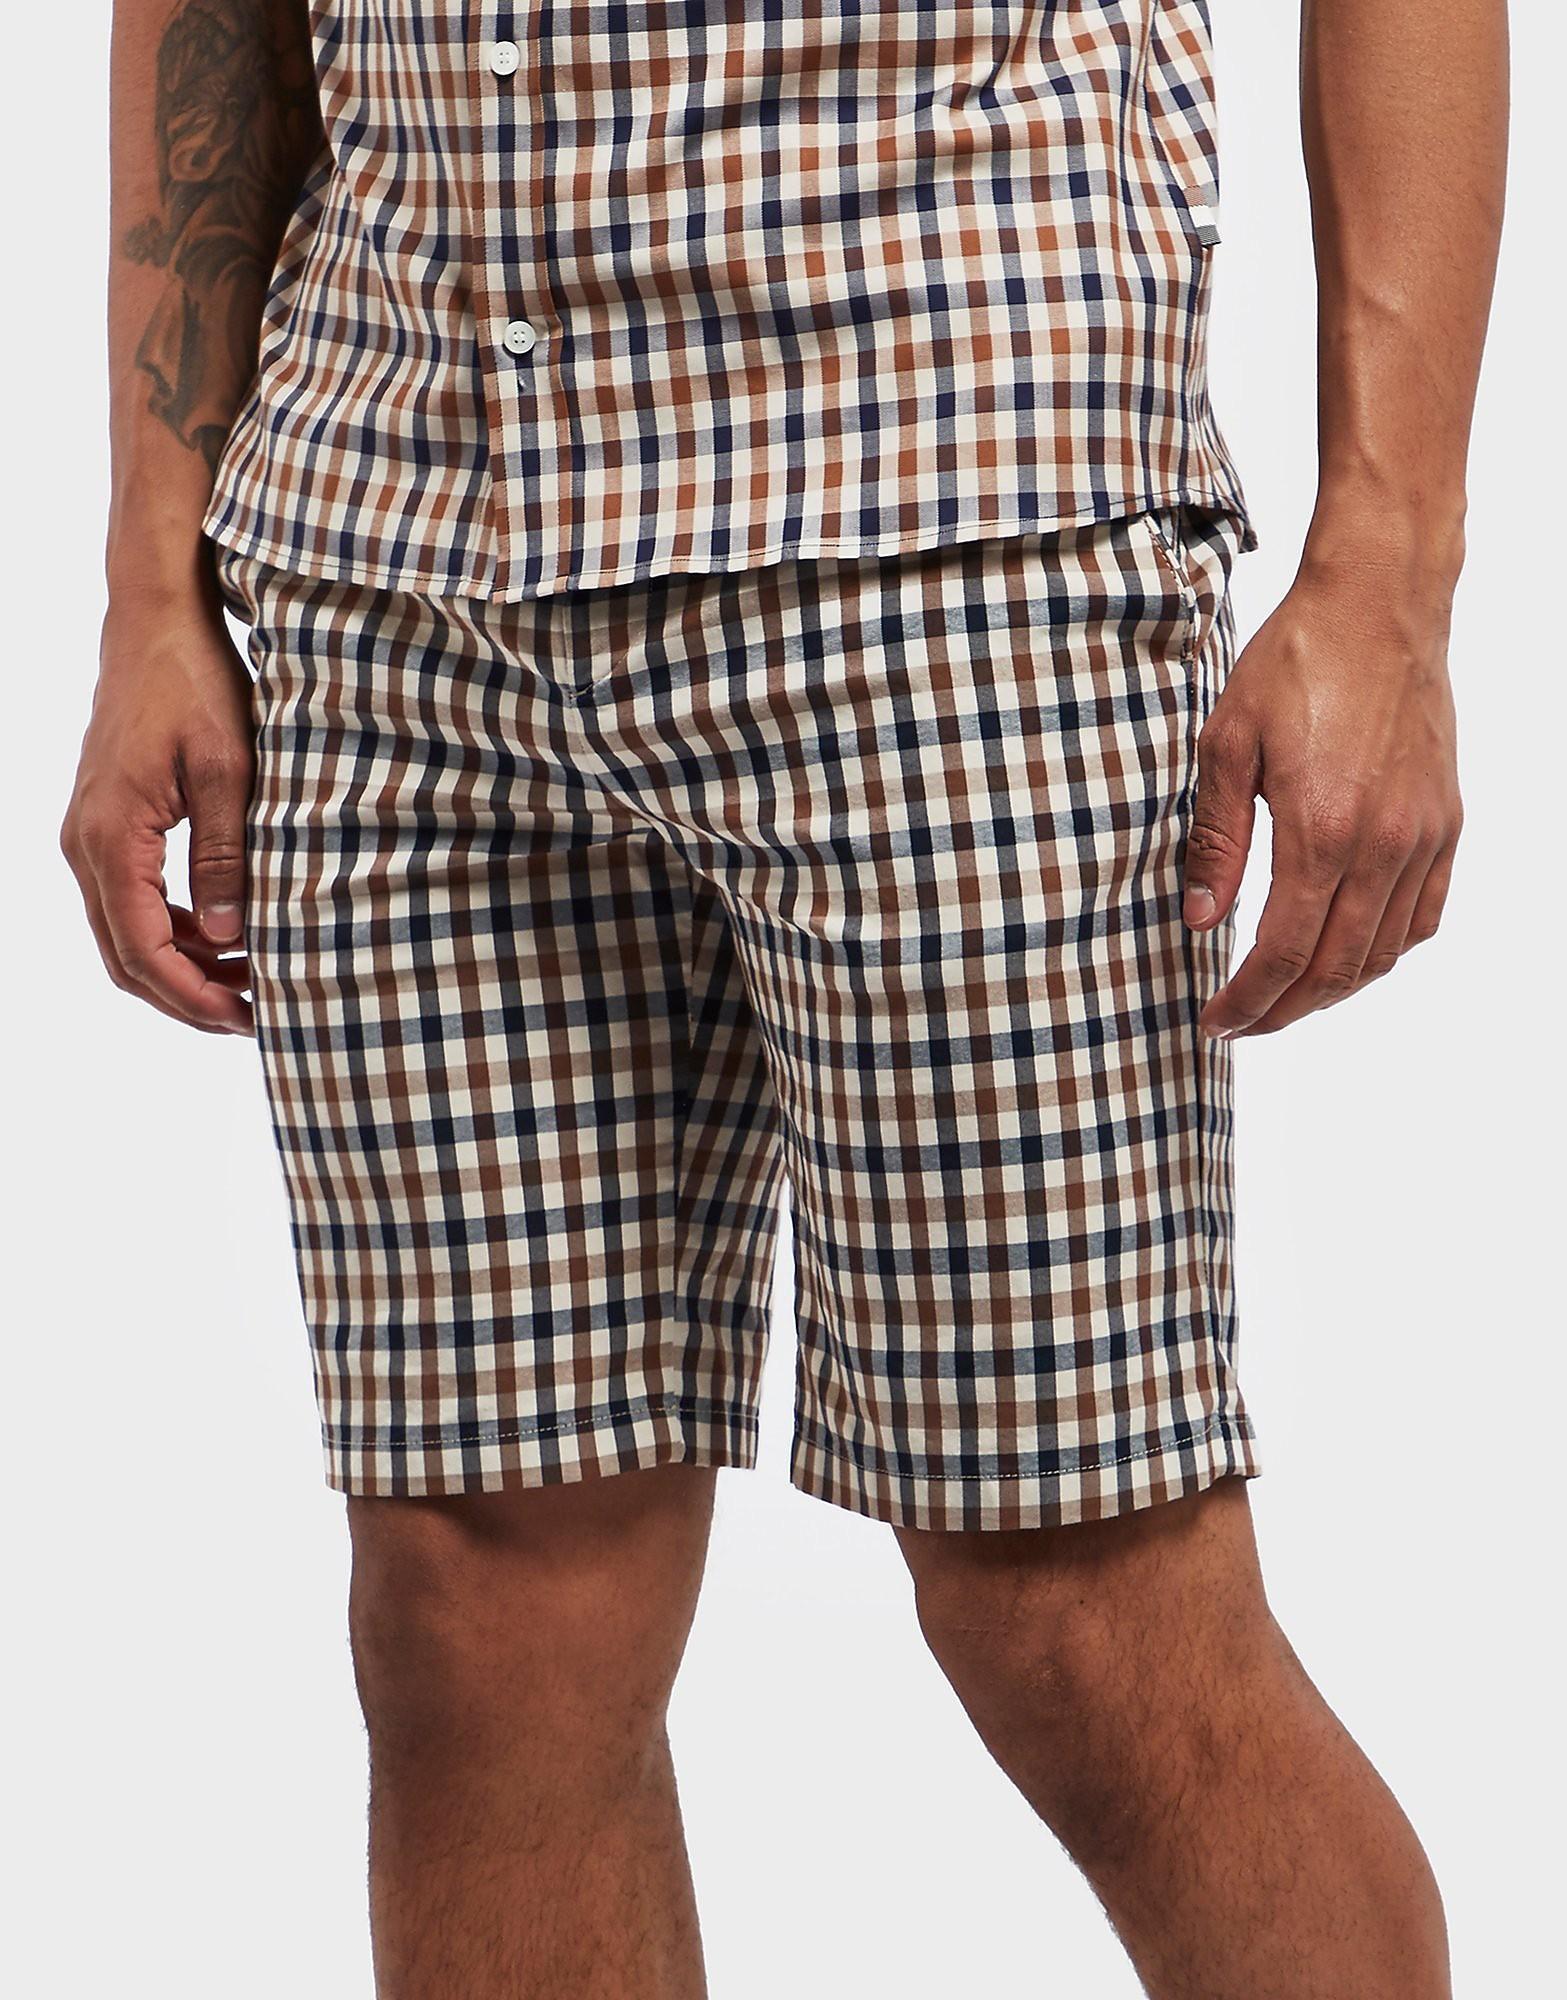 Aquascutum Club Check Chino Shorts